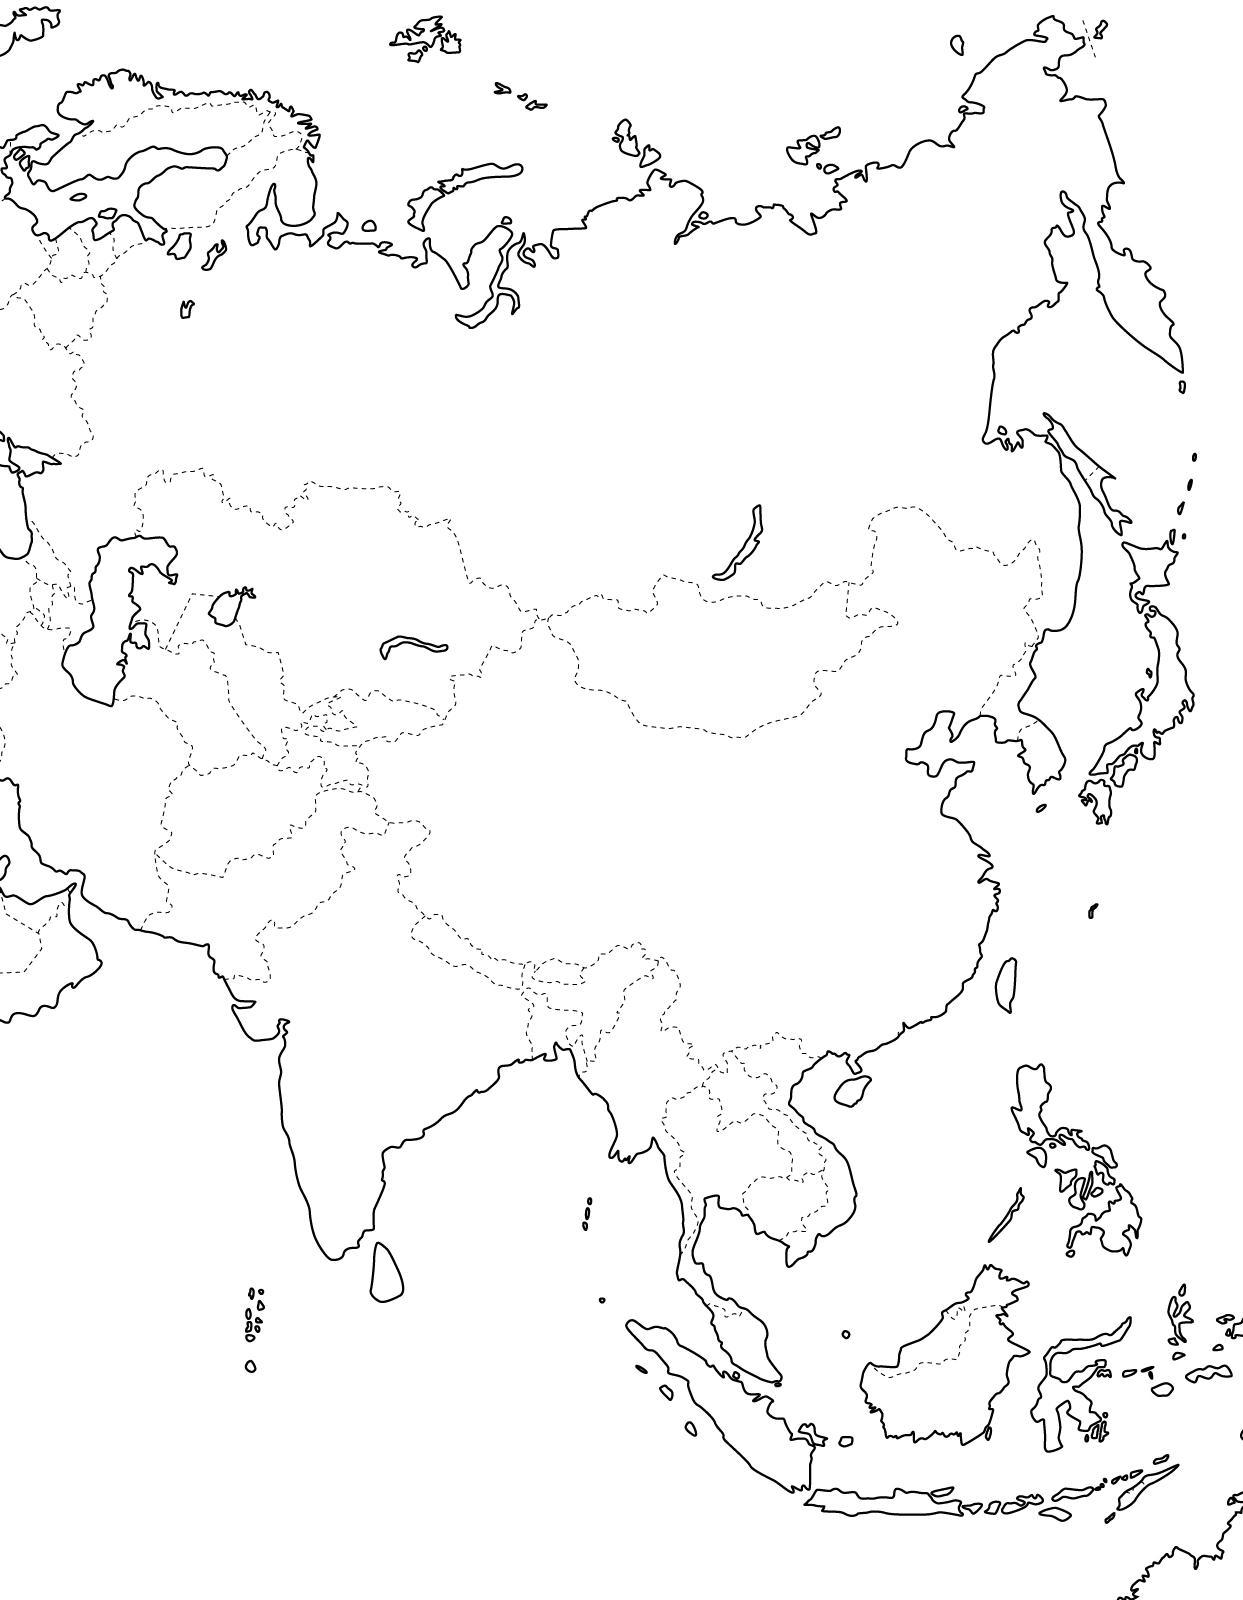 Mapa De Asia Mudo.Mapa Politico Mudo De Asia Para Imprimir Mapa De Paises De